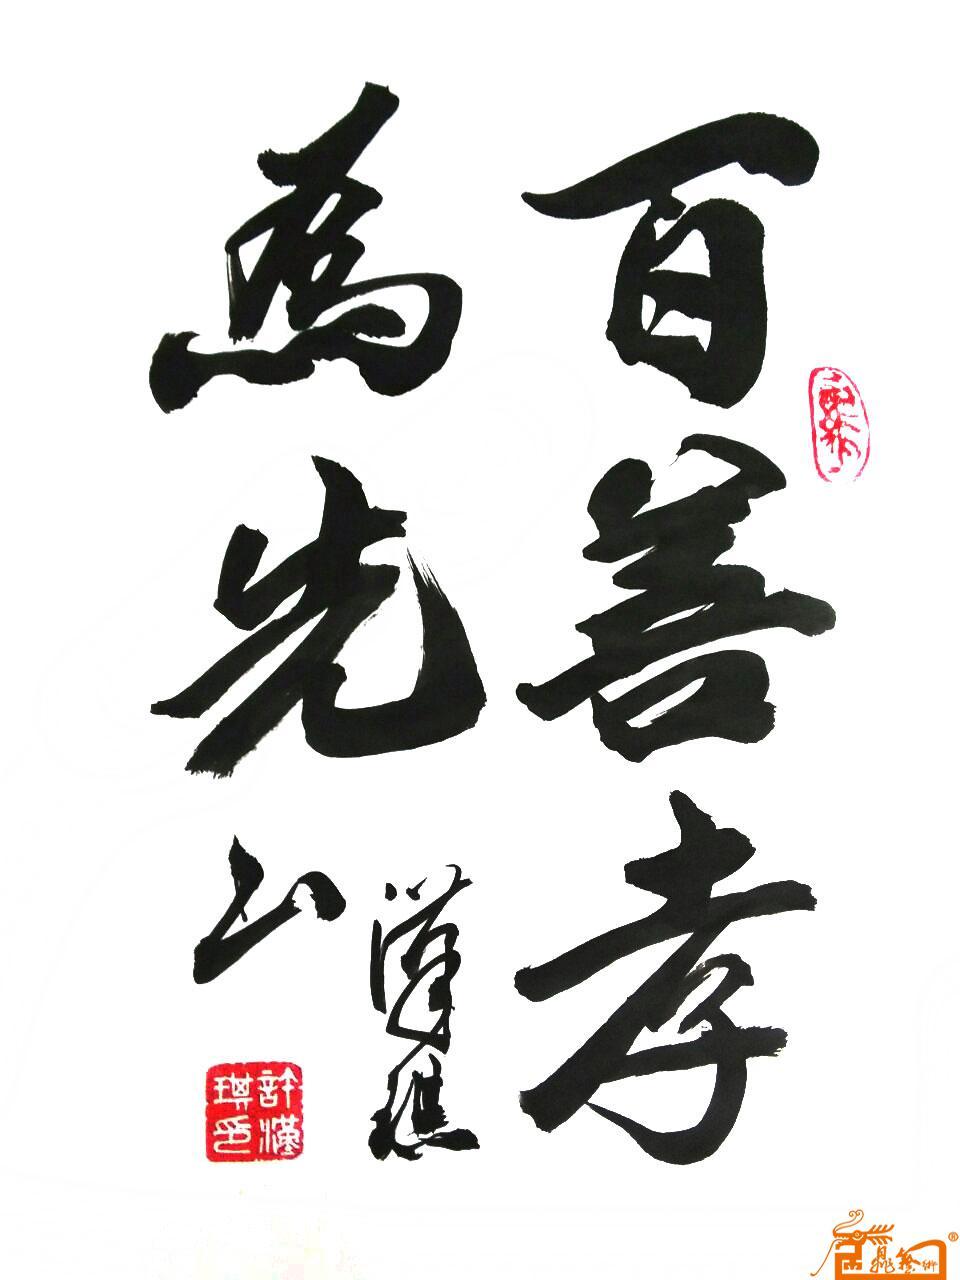 许汉琪-作品120-淘宝-名人字画-中国书画交易中心